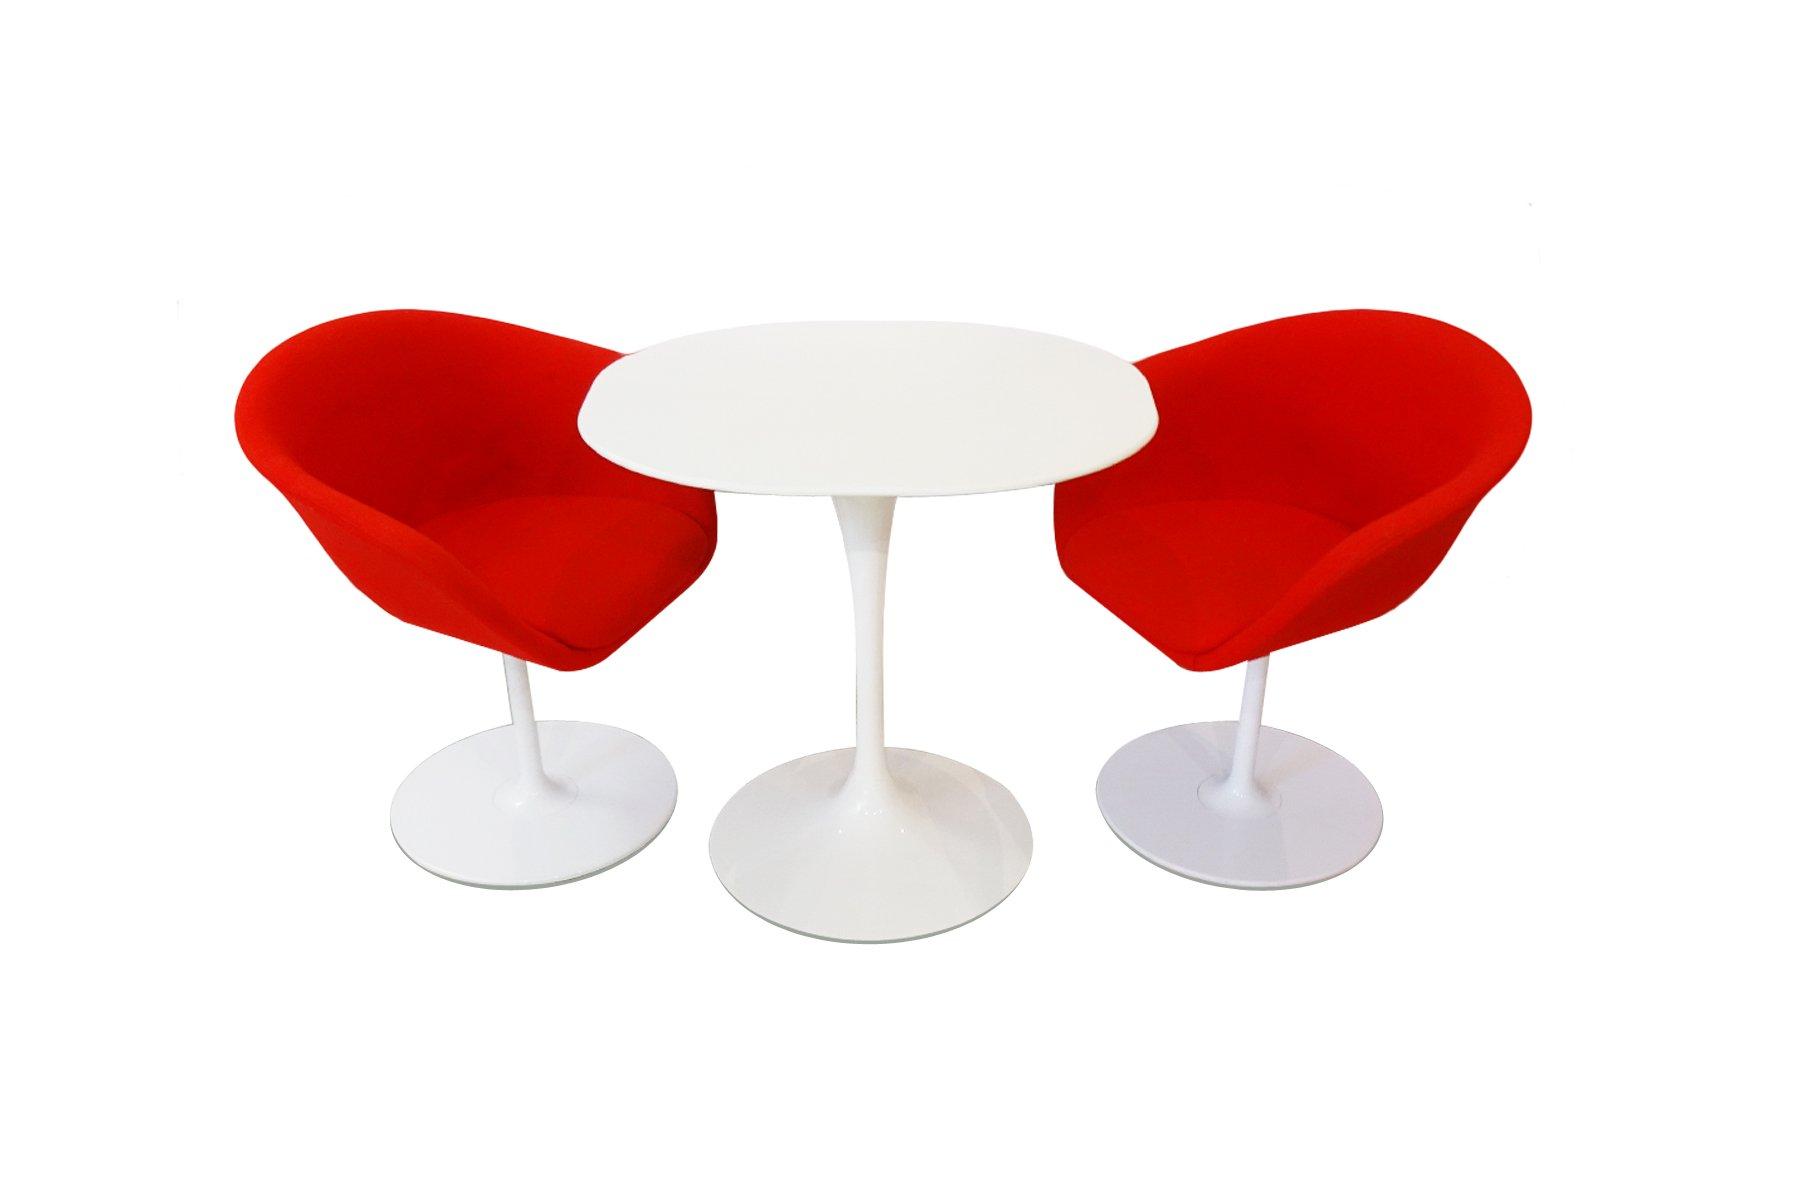 beistelltisch von eero saarinen f r knoll 2 st hle von arper und teppich 1980er bei pamono kaufen. Black Bedroom Furniture Sets. Home Design Ideas